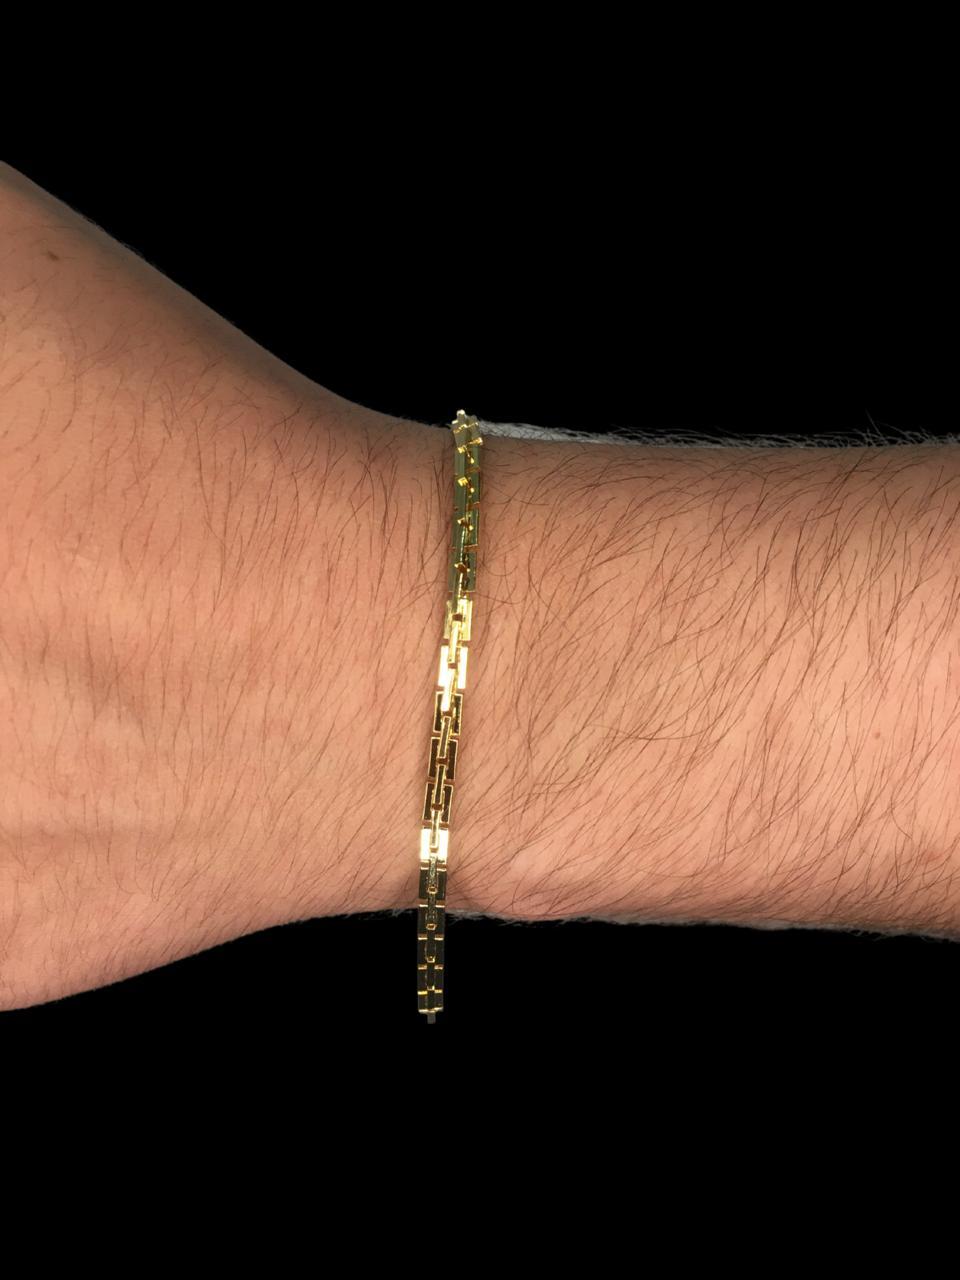 Pulseira  cartie quadrada  -  3 milímetros - 22 Centímetros - fecho gaveta - Banhado a ouro 18 k